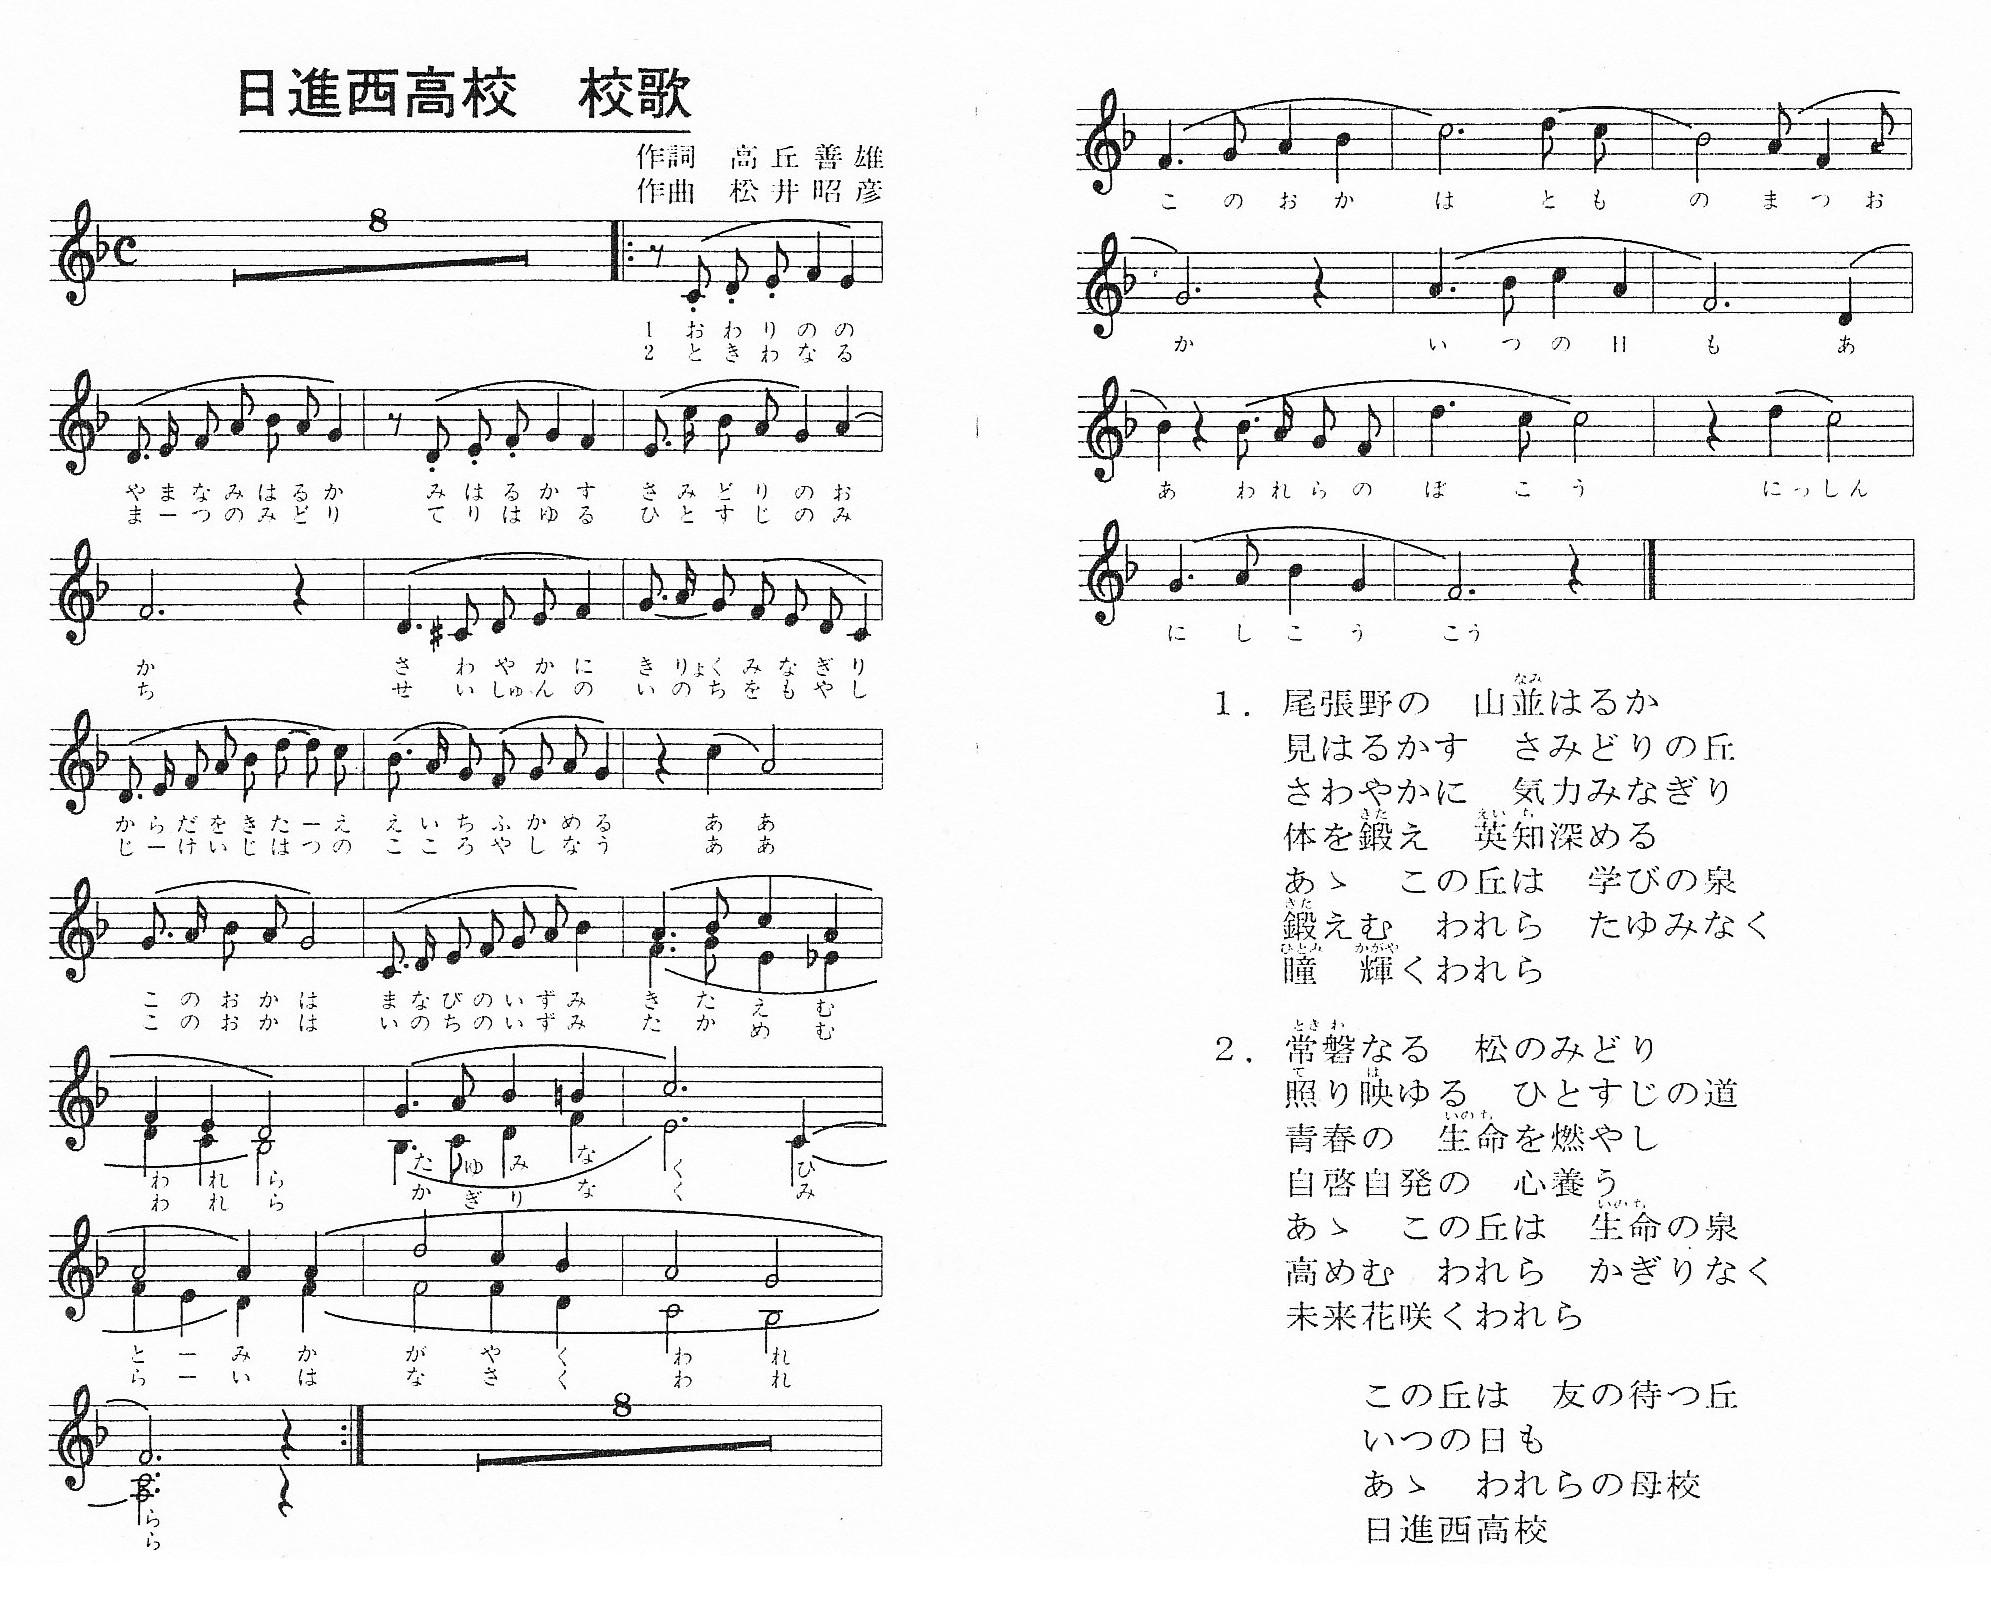 愛知県立日進西高等学校